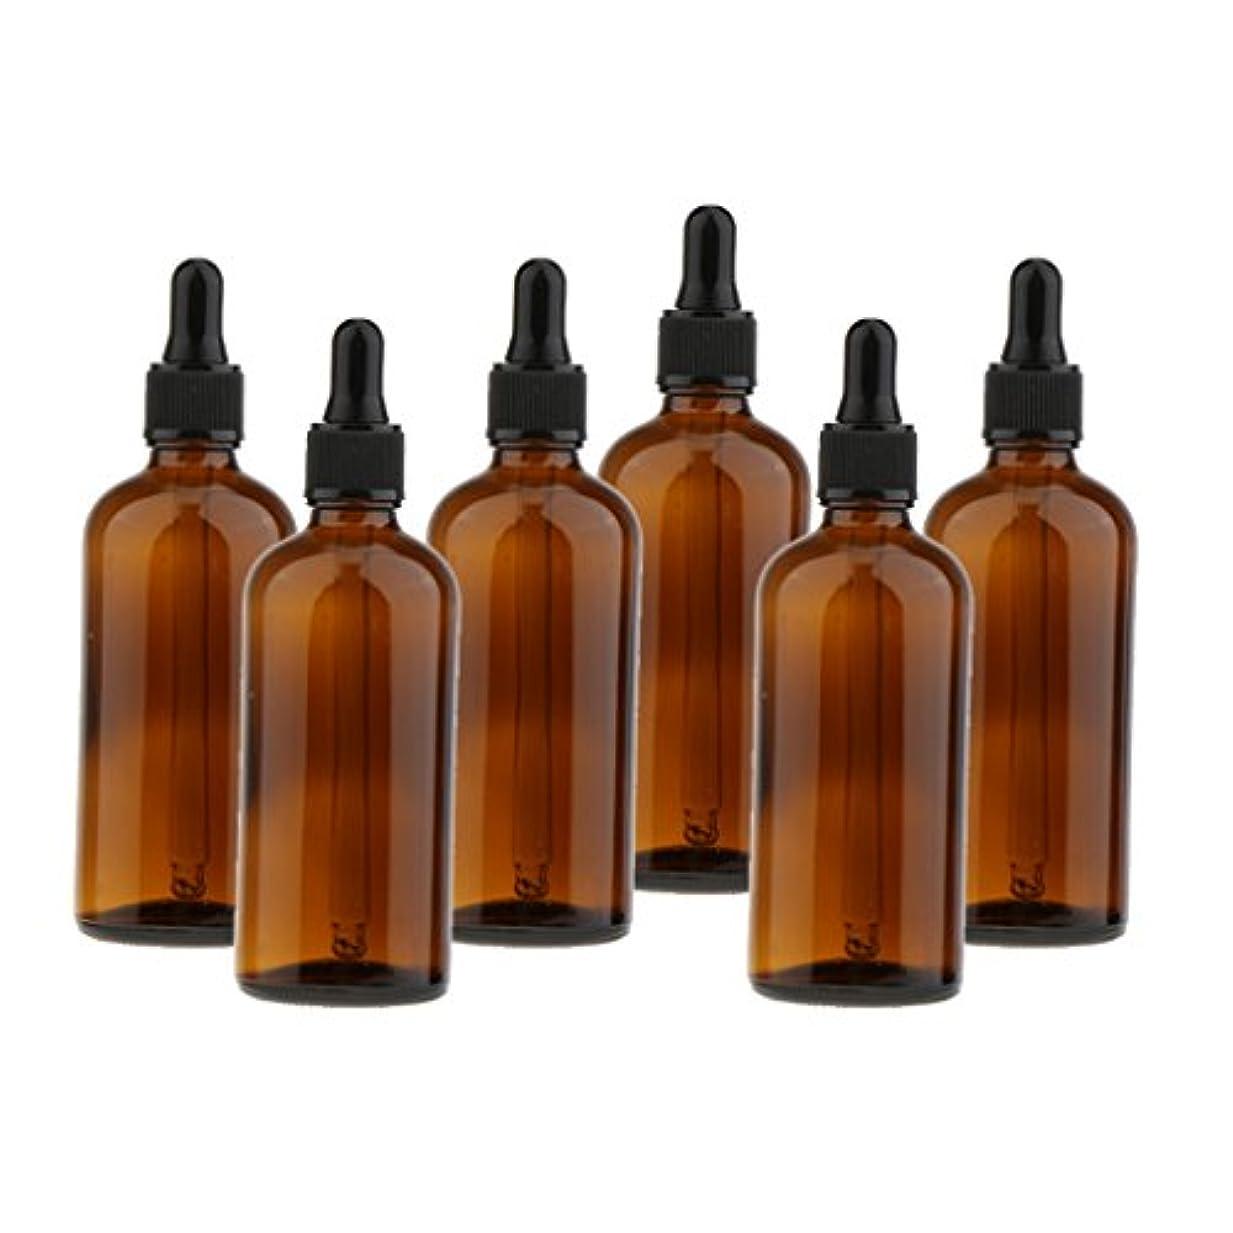 冷蔵庫東部補充ガラスボトル スクイズボトル ドロッパーボトル 遮光ピン 詰替え容器 精油 香水 サンプルボトル 6個セット - 100ml